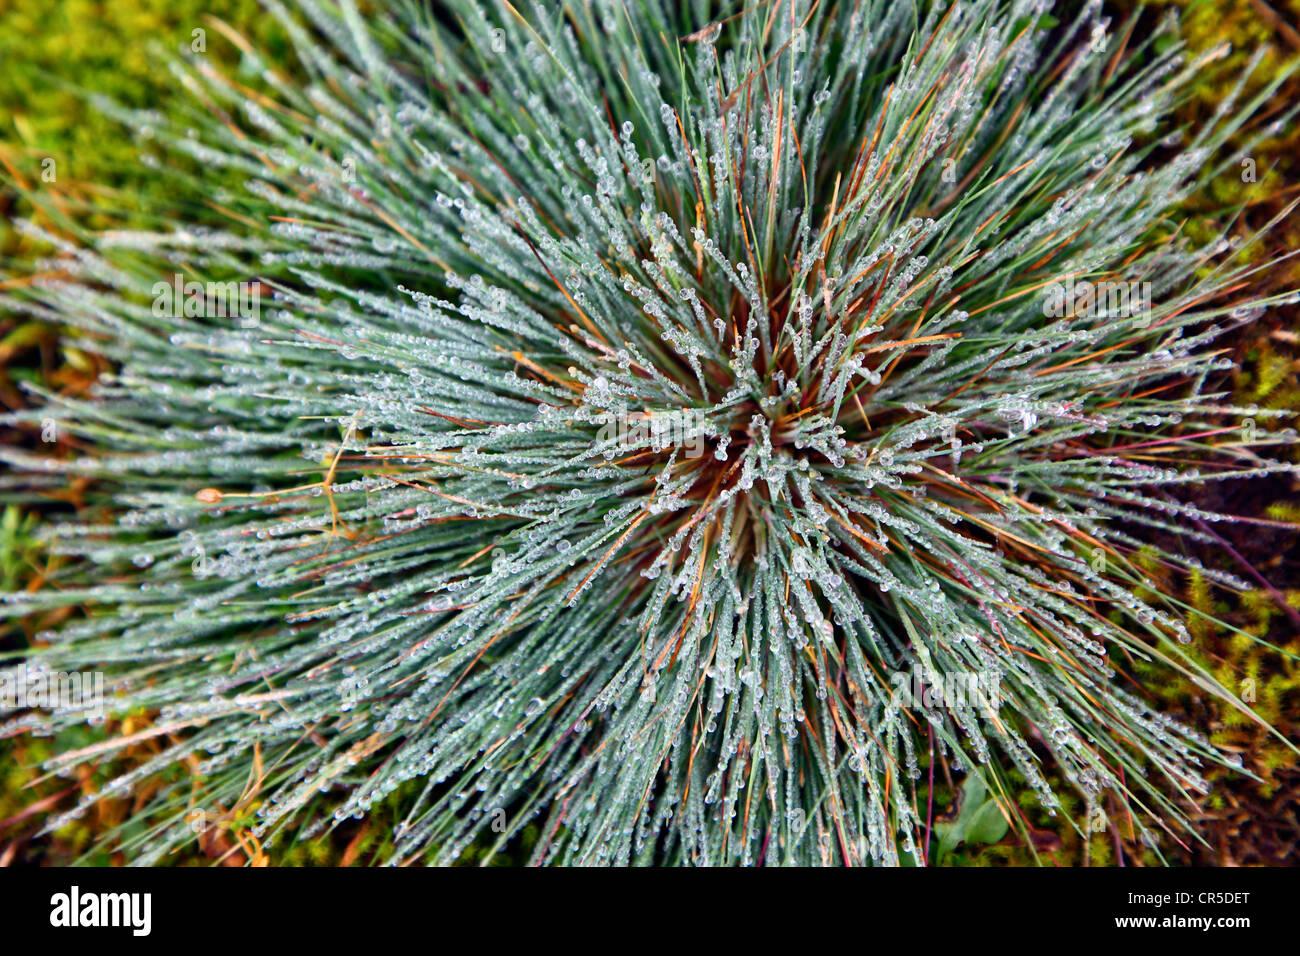 Regentropfen auf Düne grass, Spiekeroog, Niedersachsen, Deutschland, Europa. Stockbild